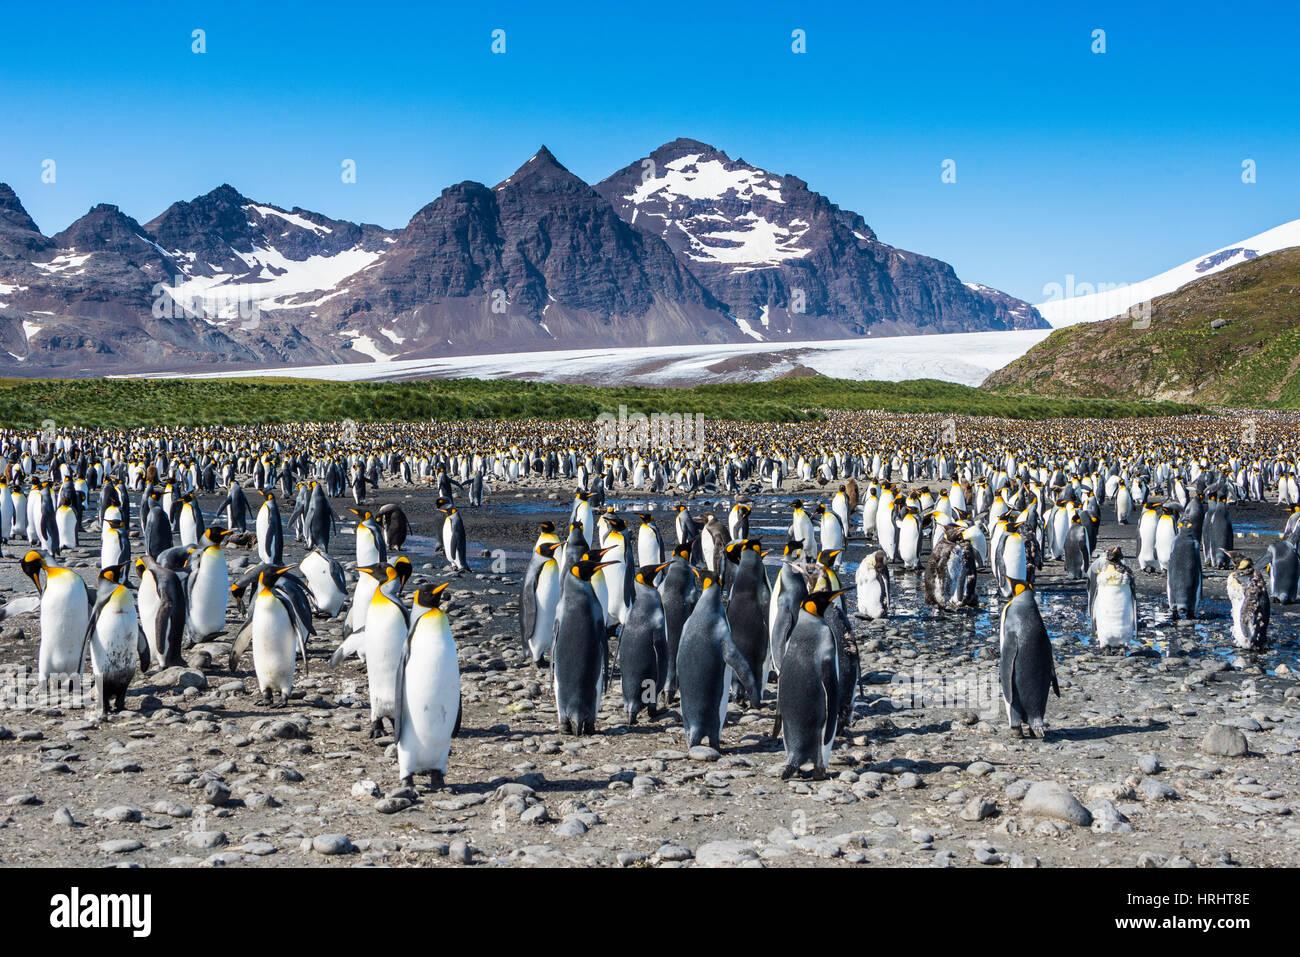 Le roi géant penguin (Aptenodytes patagonicus) colonie, la plaine de Salisbury, la Géorgie du Sud, l'Antarctique, régions polaires Banque D'Images